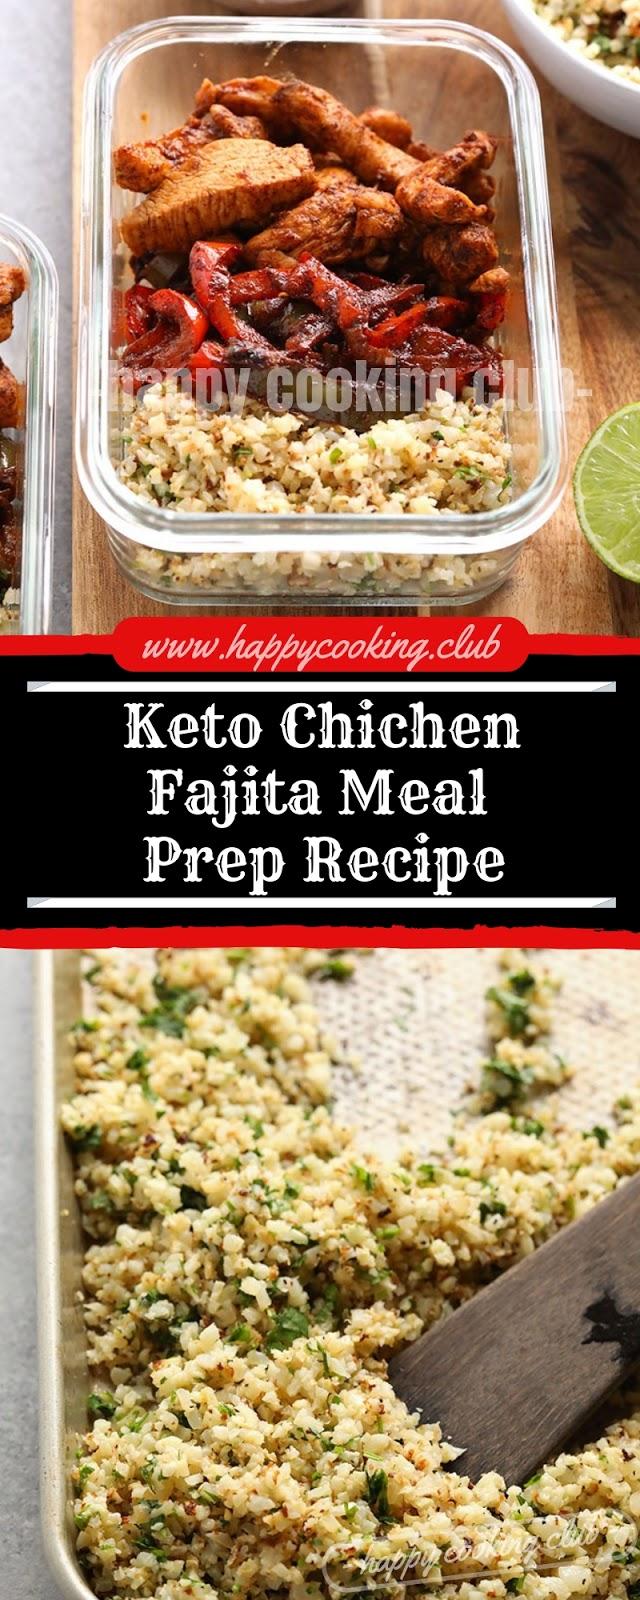 Keto Chichen Fajita Meal Prep Recipe